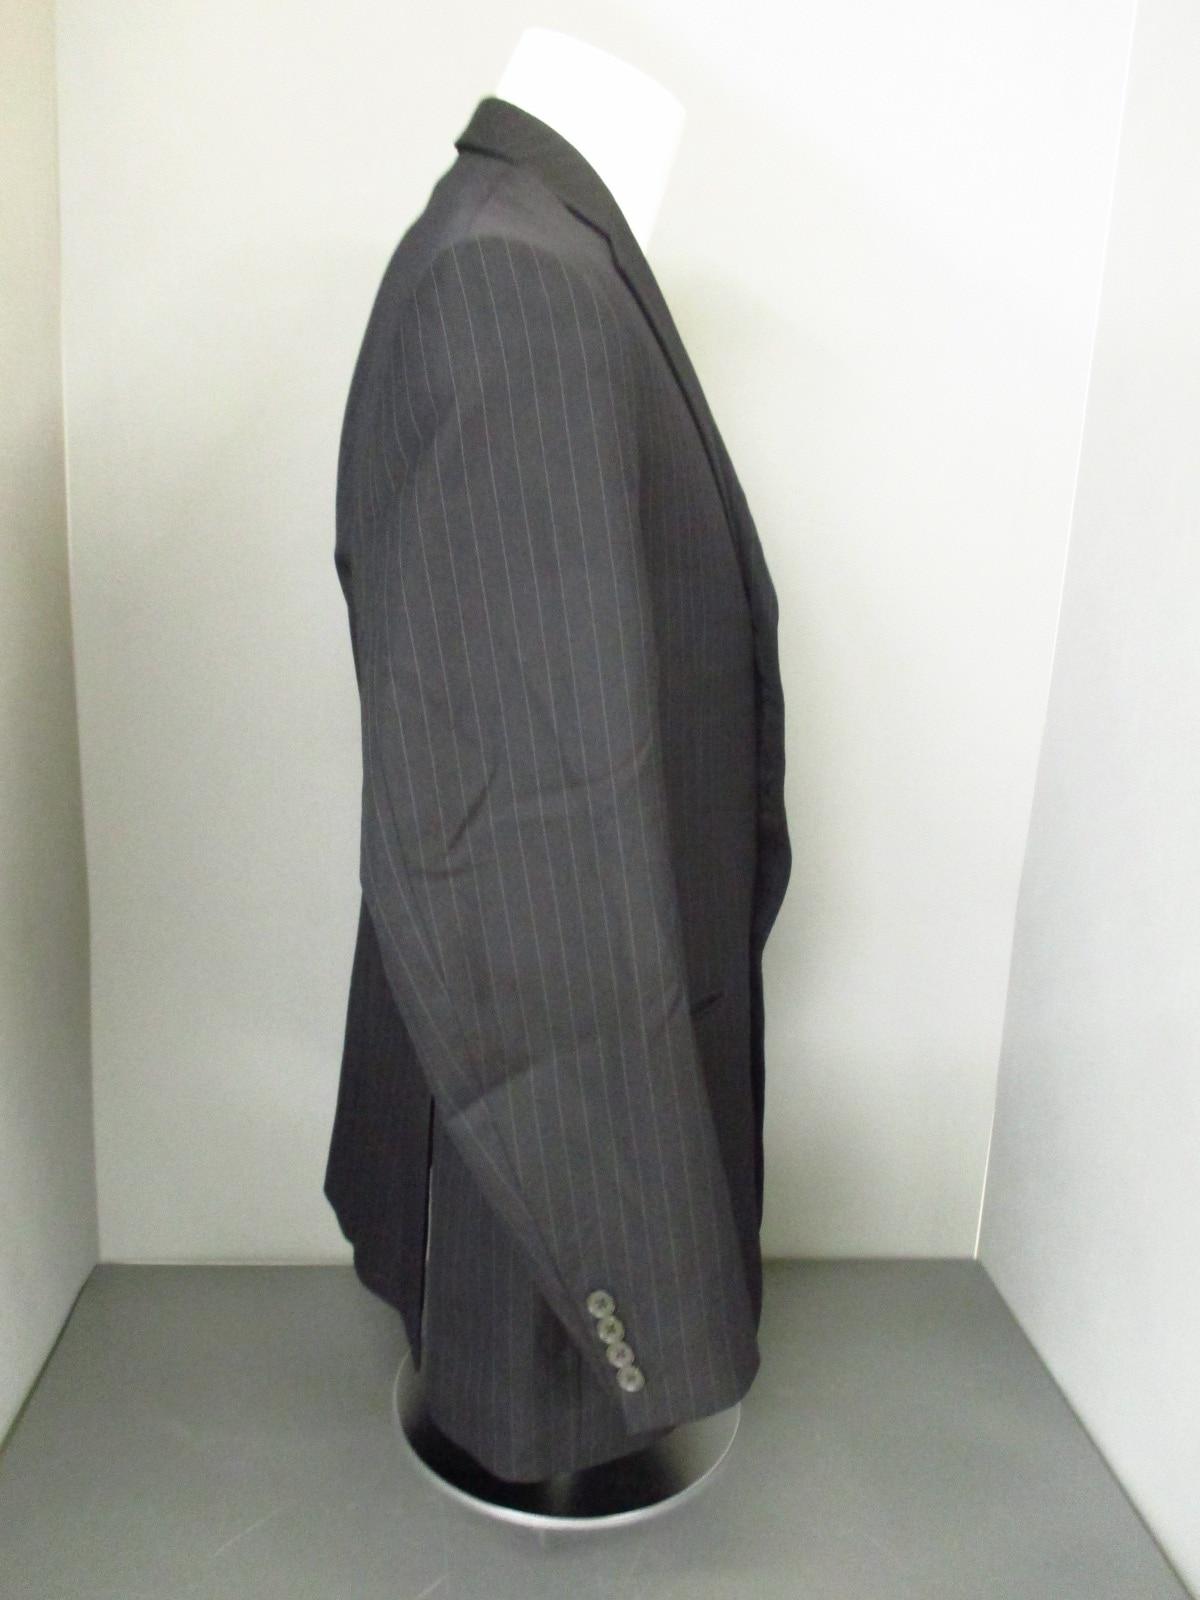 INTIMAGE(インティメージ)のジャケット